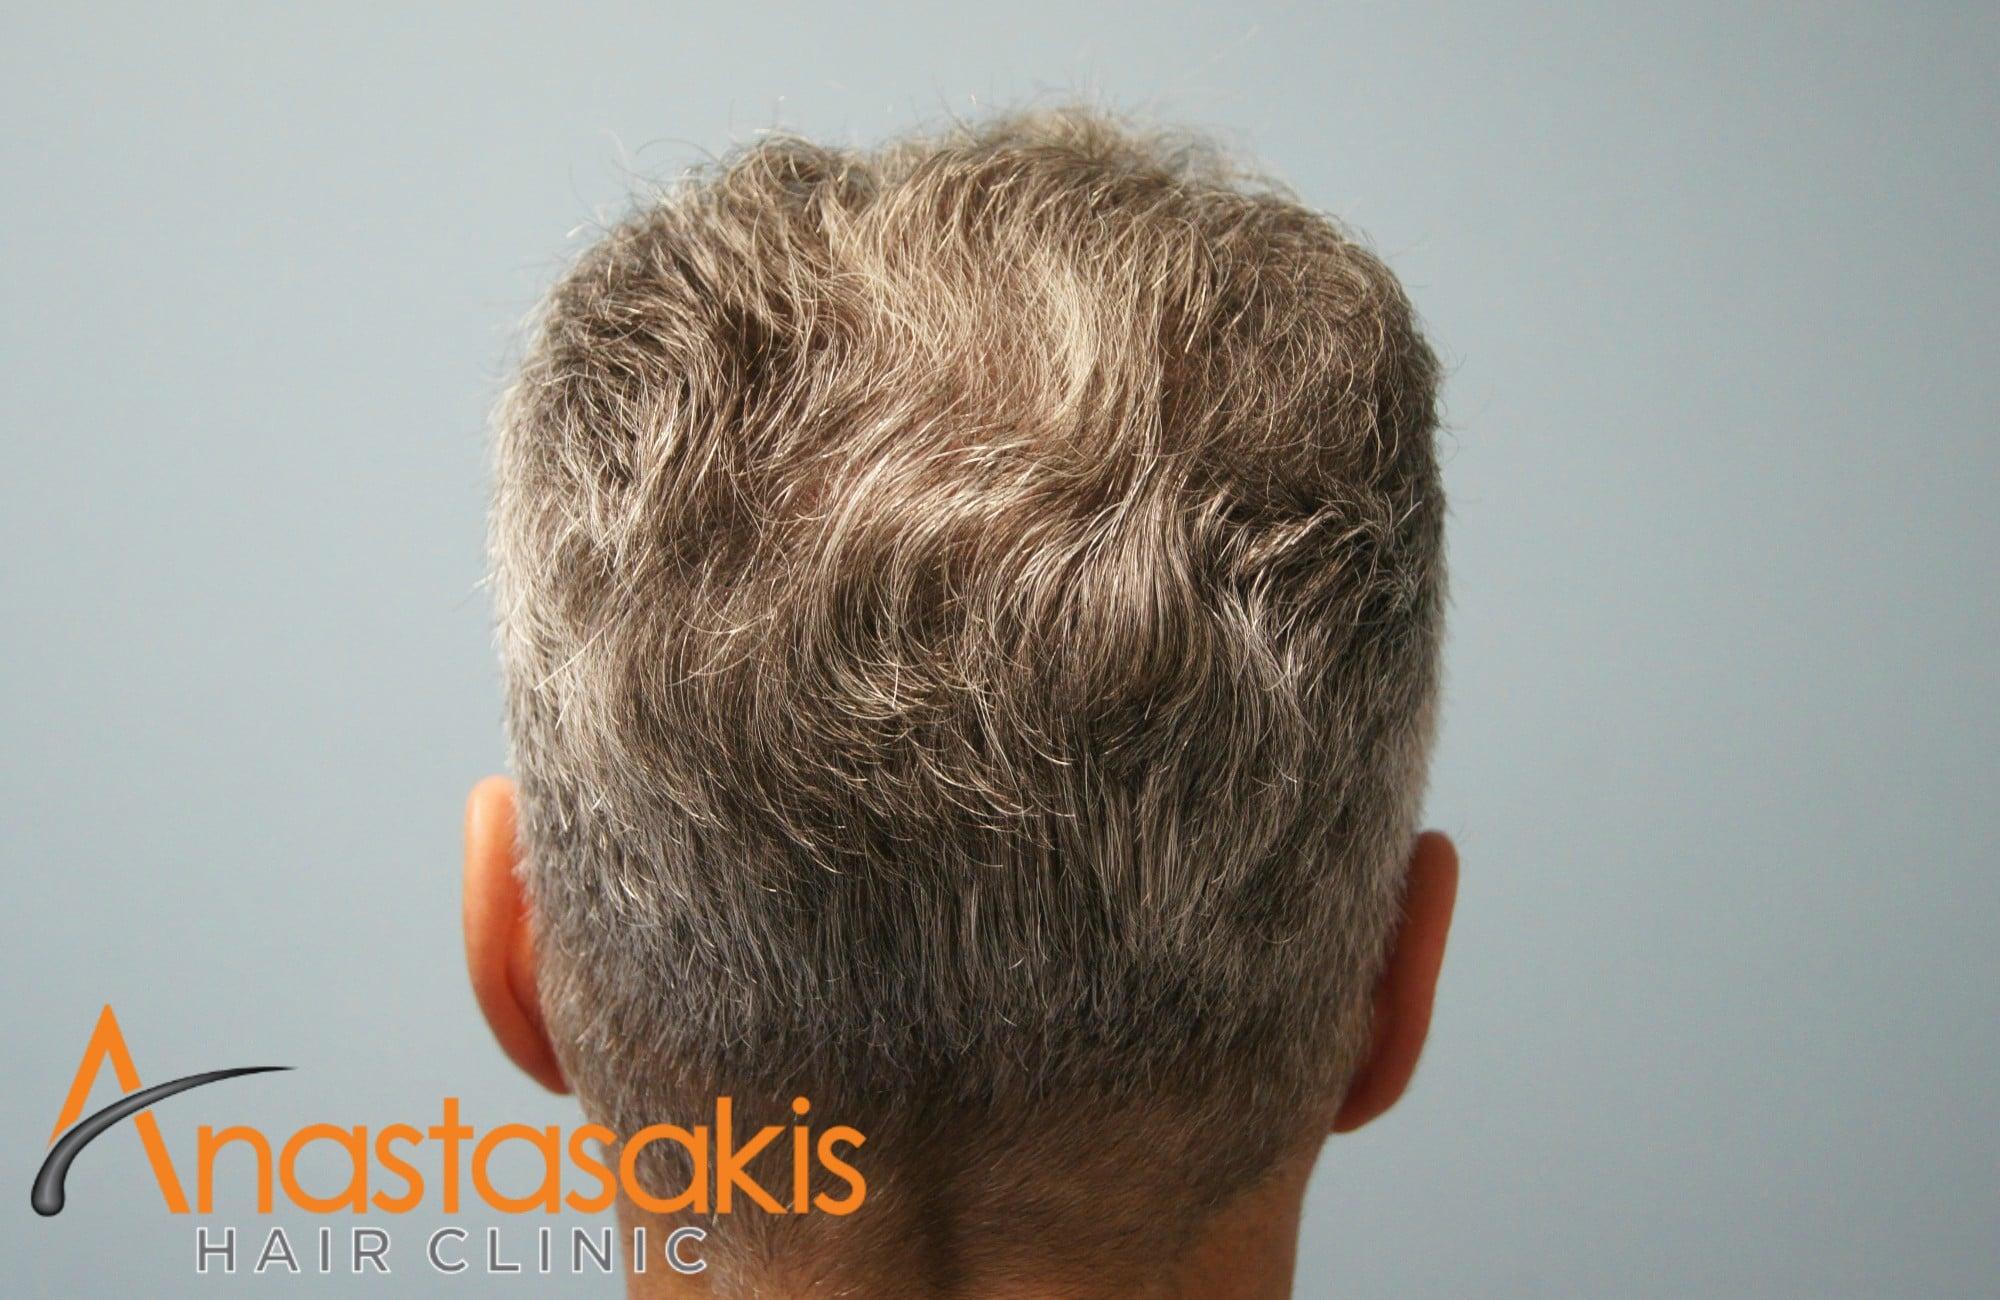 κορυφή ασθενους μετά τη μεταμόσχευσή μαλλιών με 3500 fus